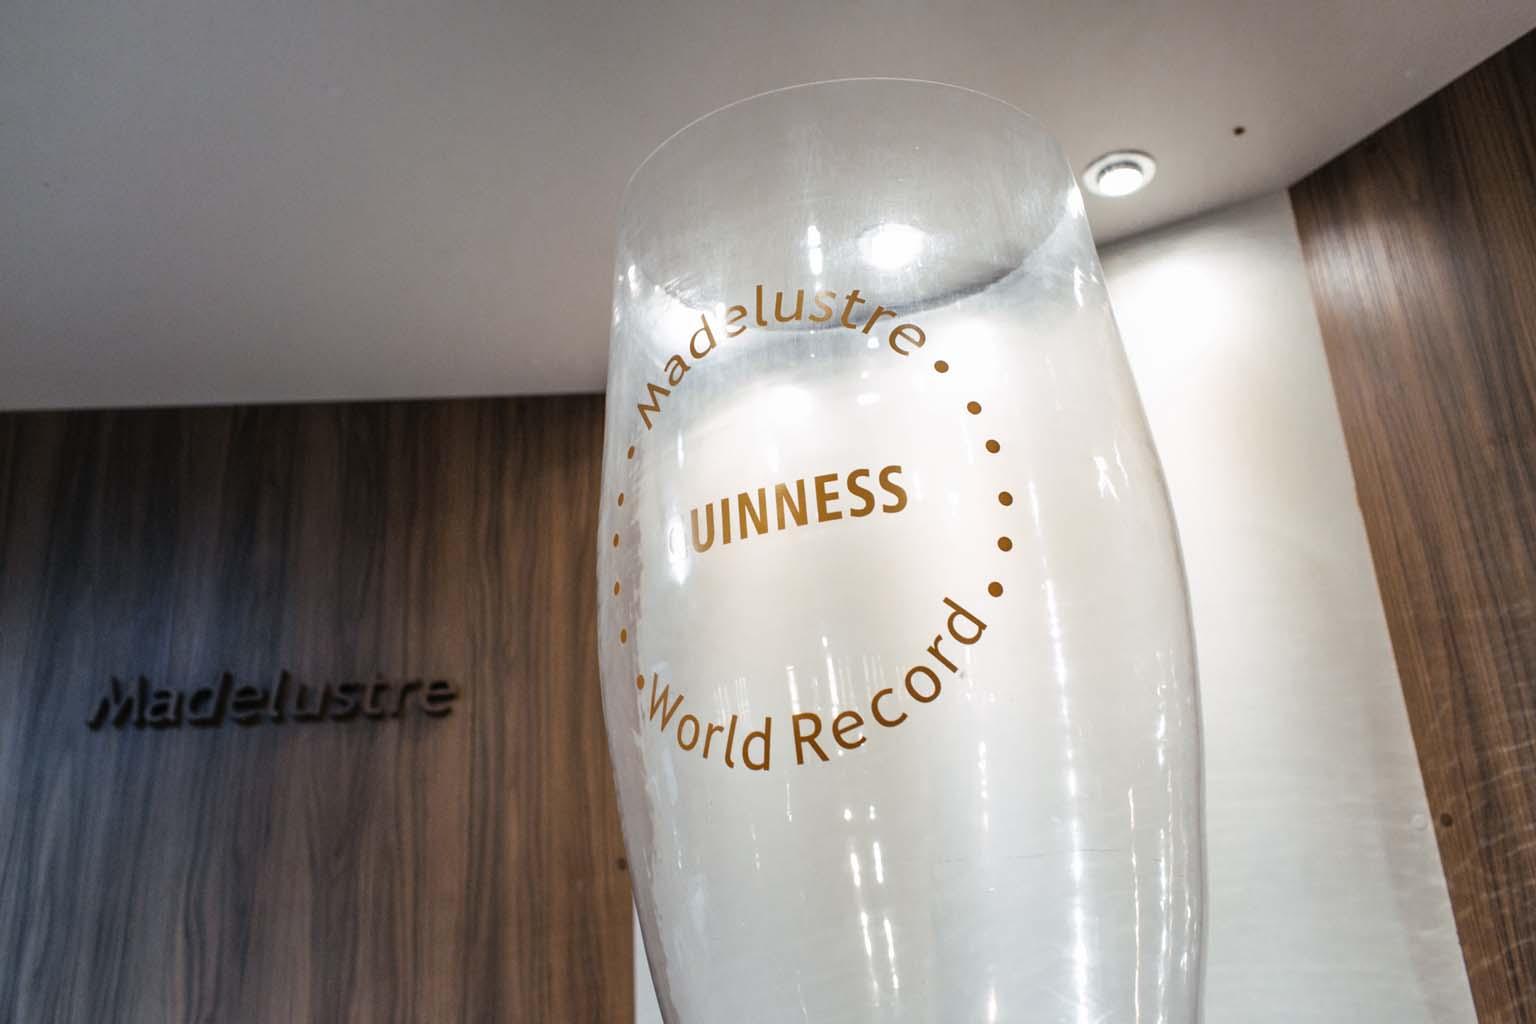 No Mundo do Vidro – Magia da Luz, criado pela Madrelustre, o visitante aprende sobre a história do vidro no mundo e ainda conhece as forma de fabricação do vidro pelas técnicas de Murano, na Itália